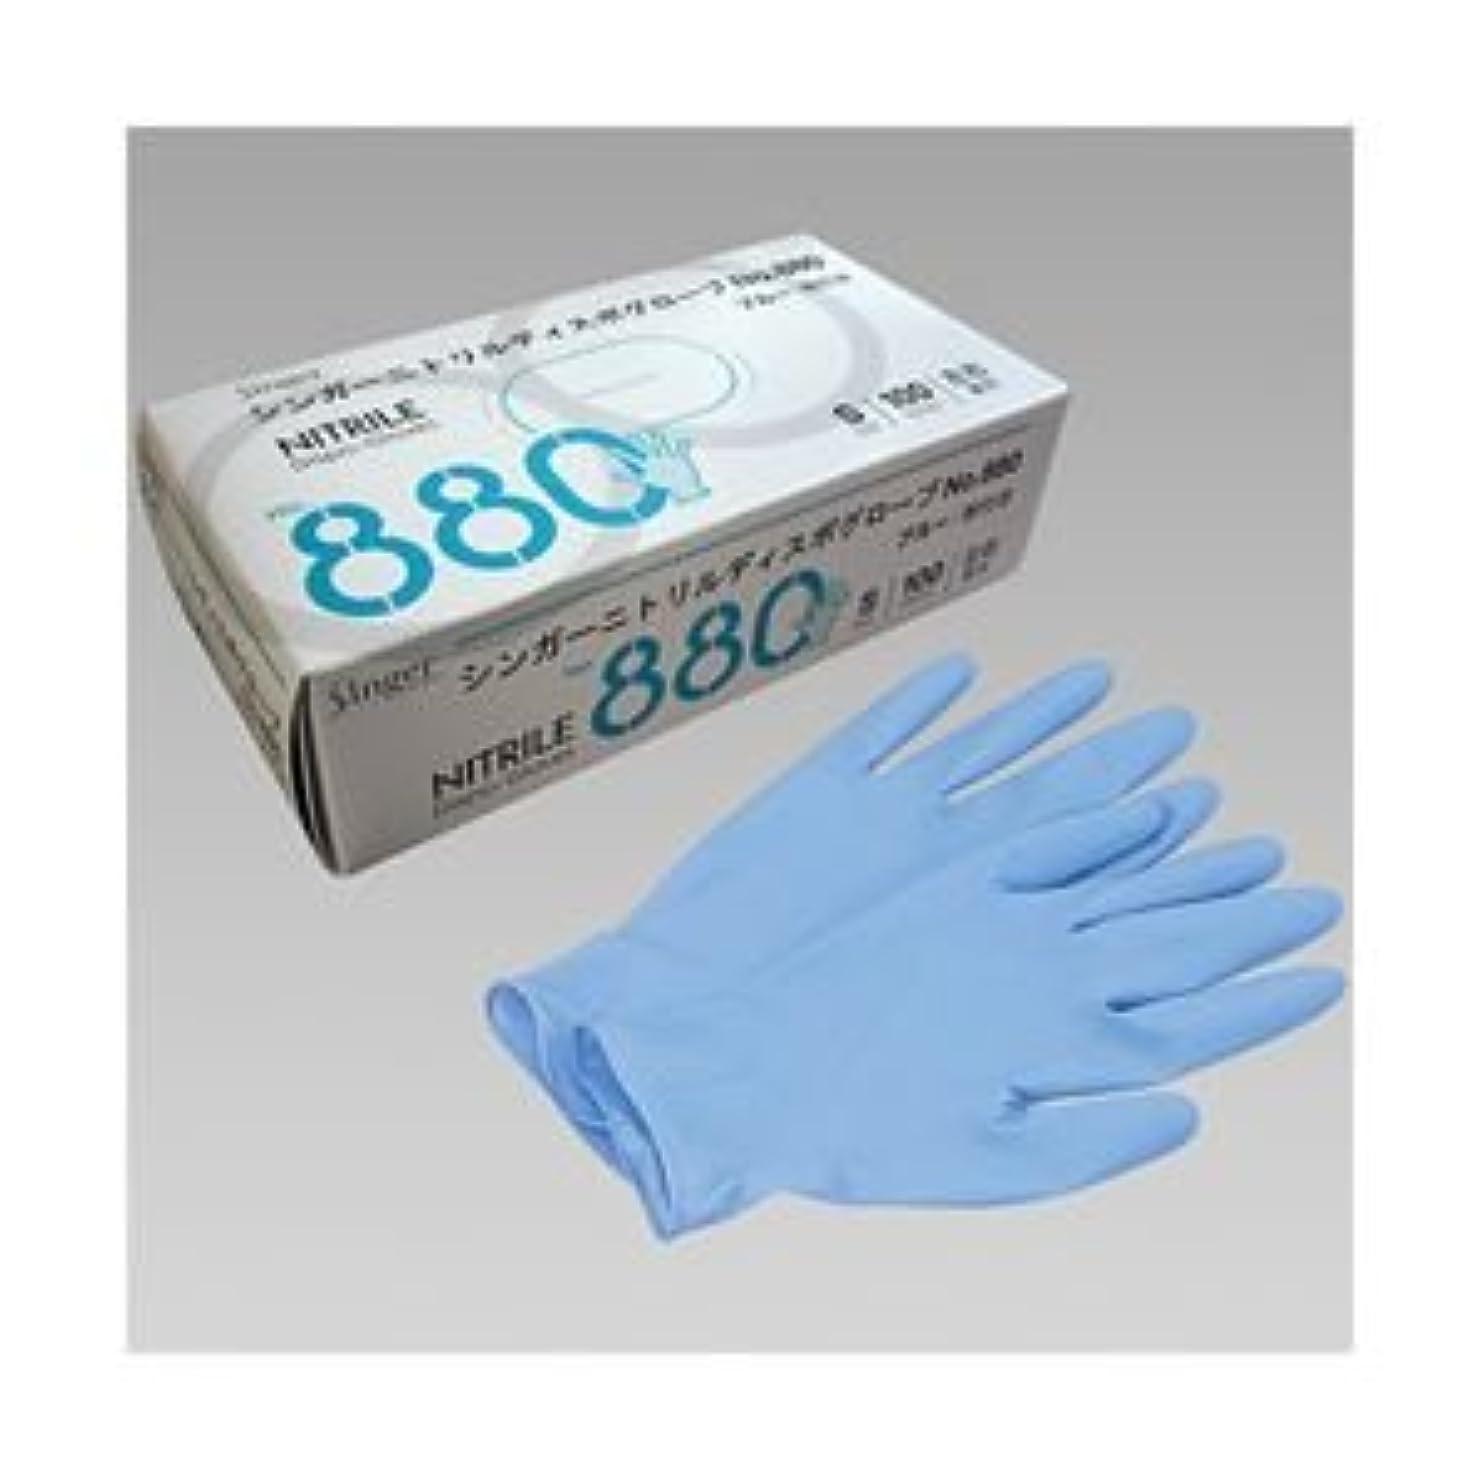 観察する必需品制約(業務用セット) ニトリル手袋 粉付き ブルー S 1箱(100枚) 【×5セット】